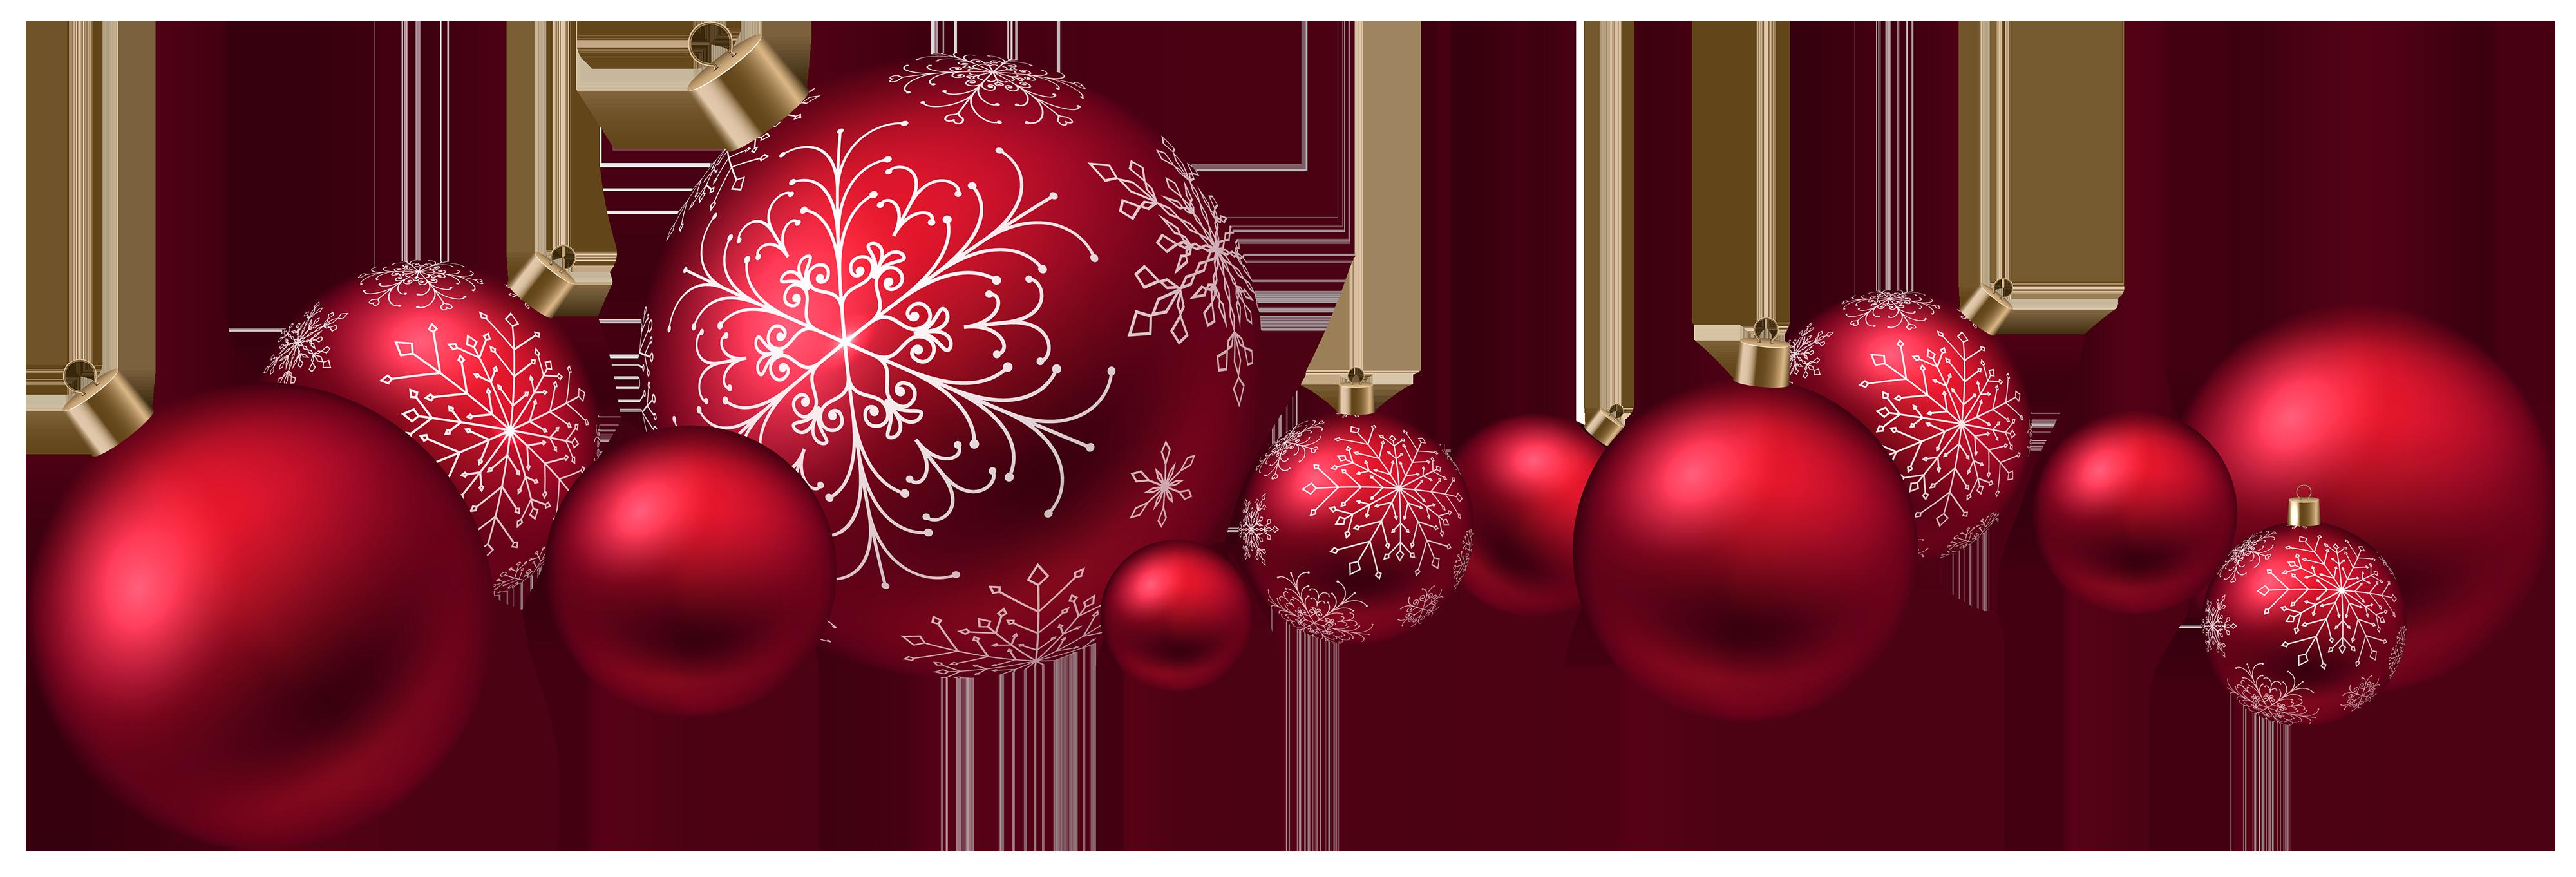 Christmas Ball PNG - 16822